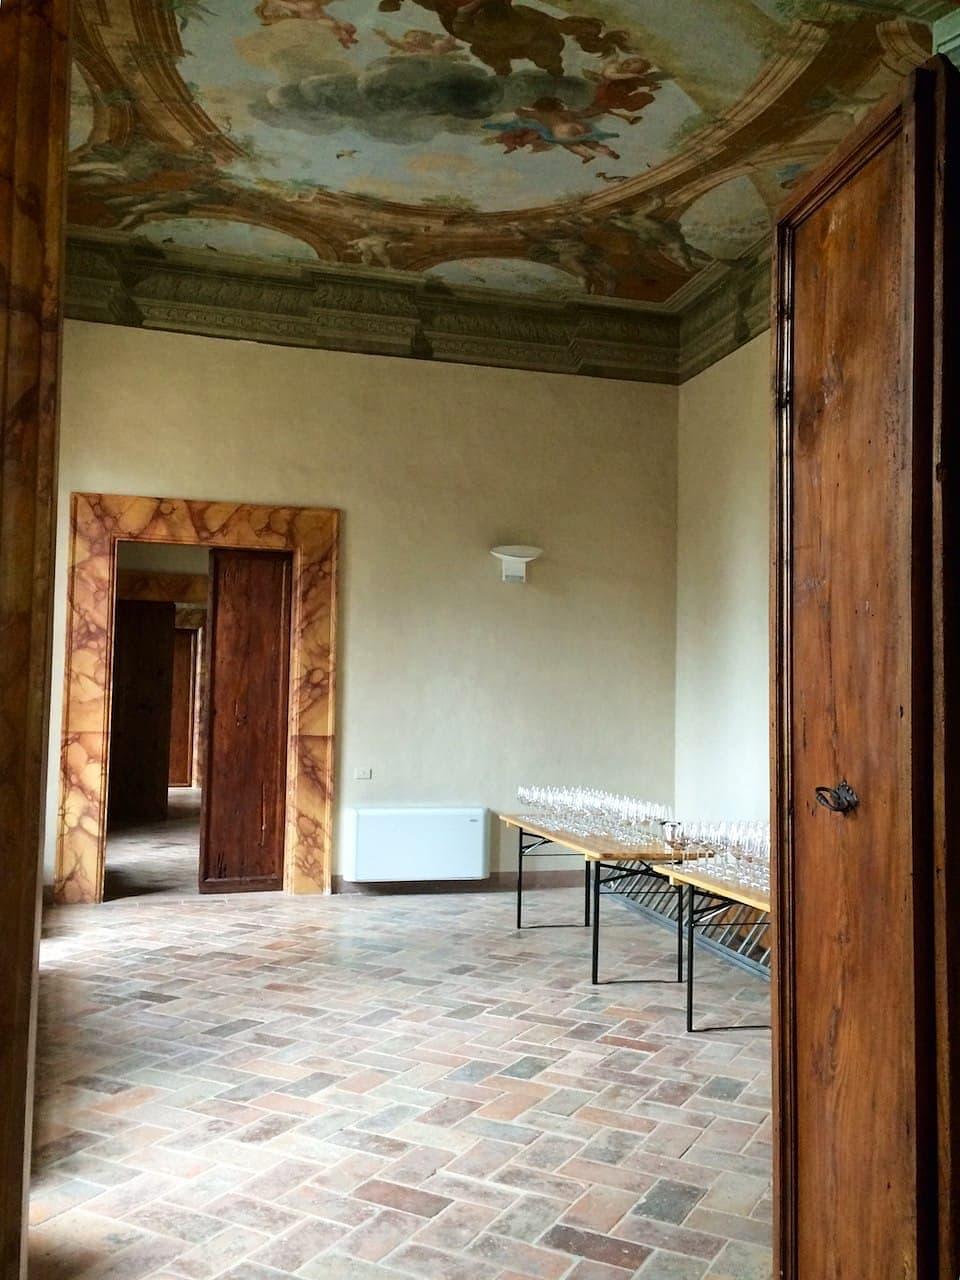 Palazzo Chigi, San Quirico d'Orcia